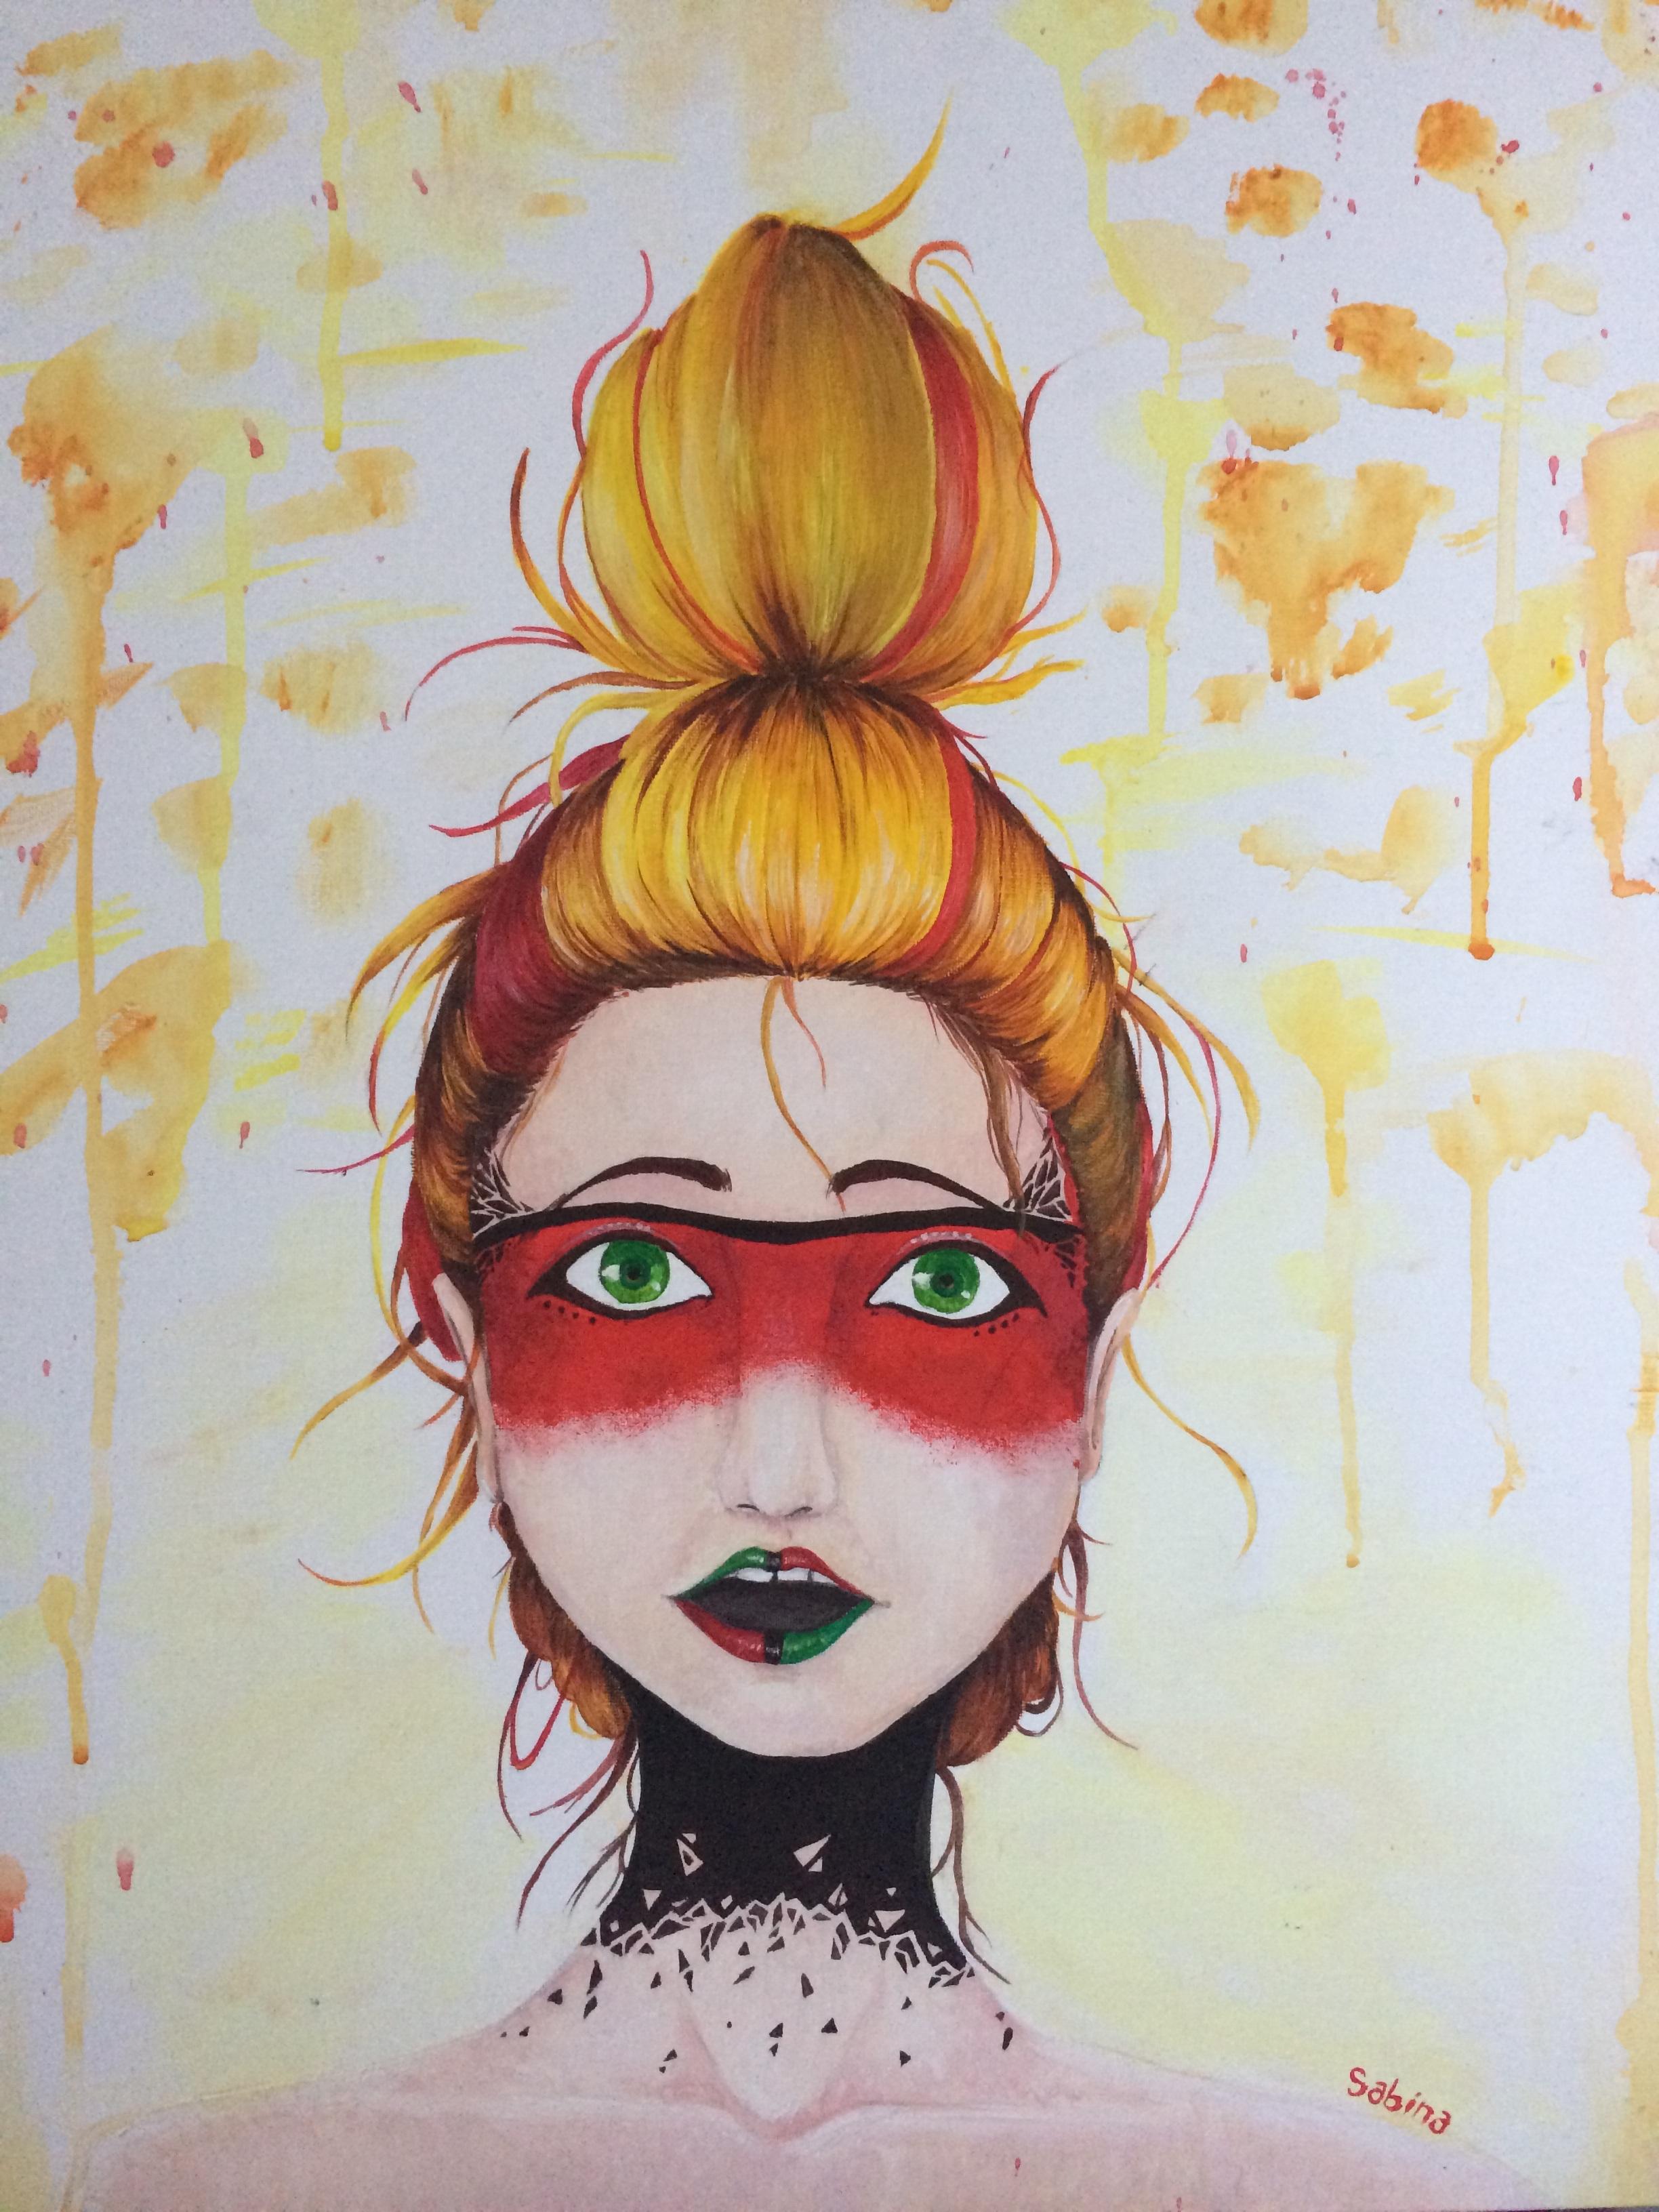 Fotoğraf Portre çocuk Boyama Maske Eskiz çizim Illüstrasyon